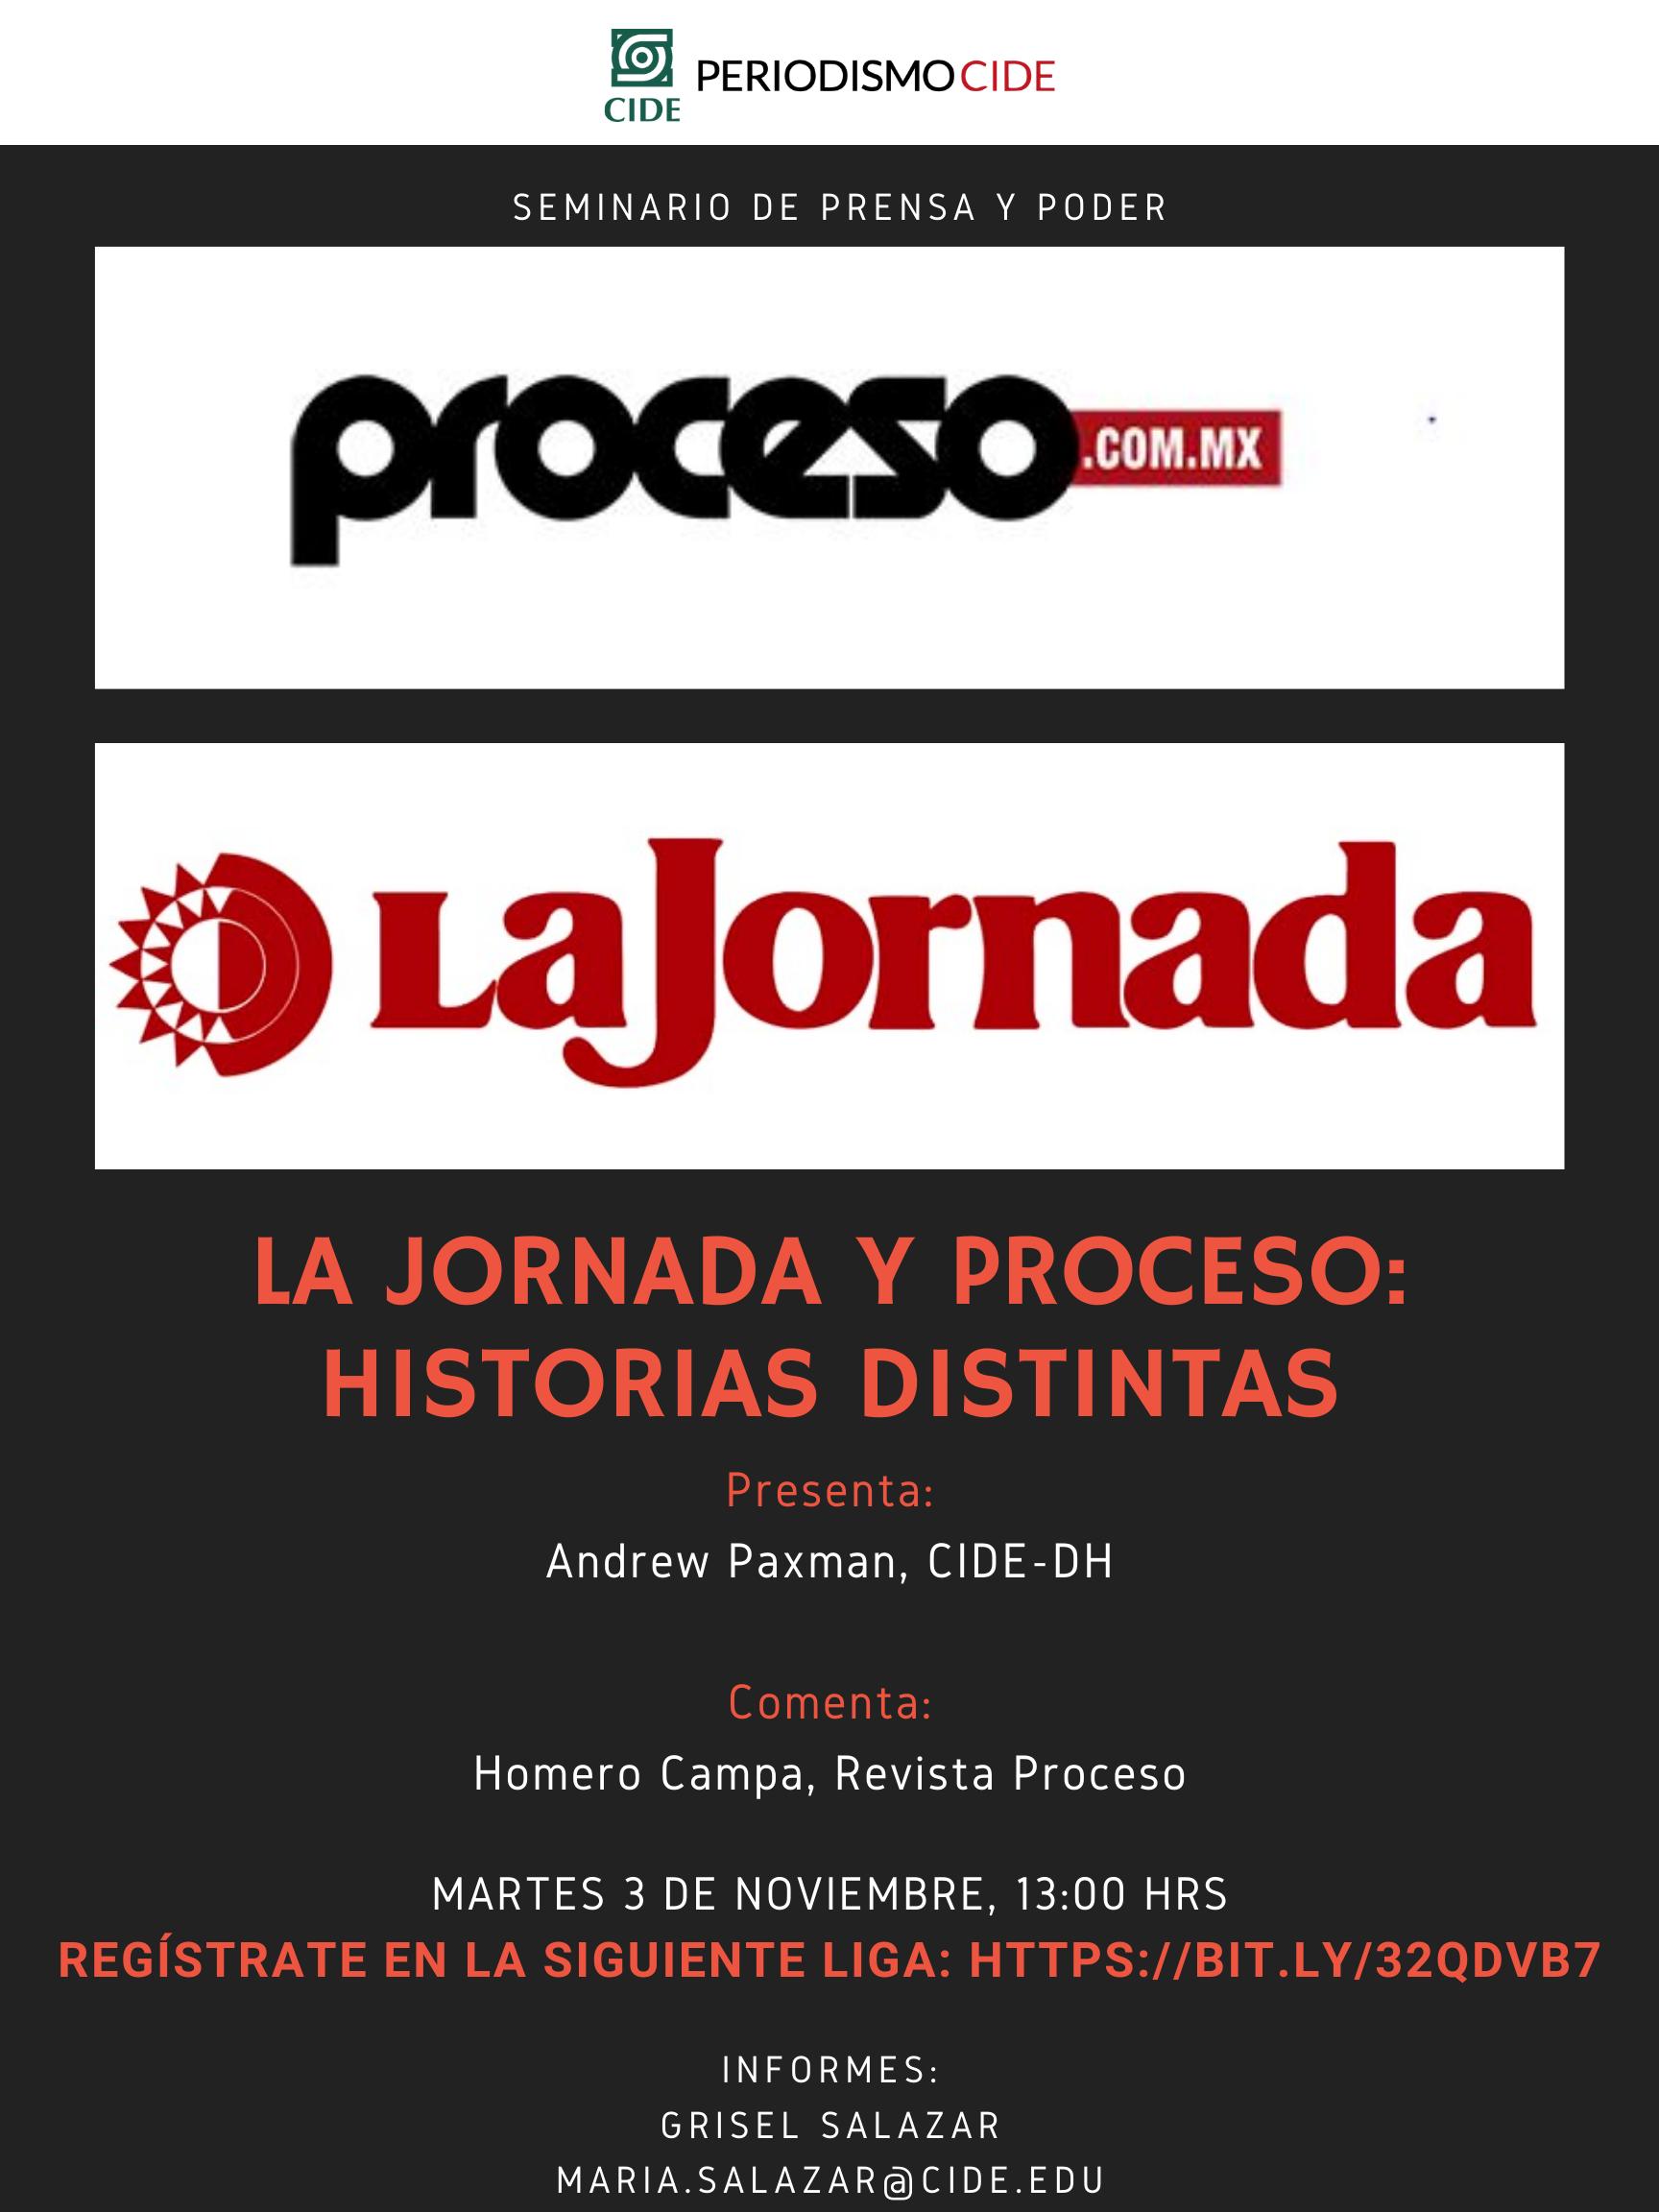 Seminario Interdisciplinario de Prensa y Poder: La jornada y proceso: historias distintas